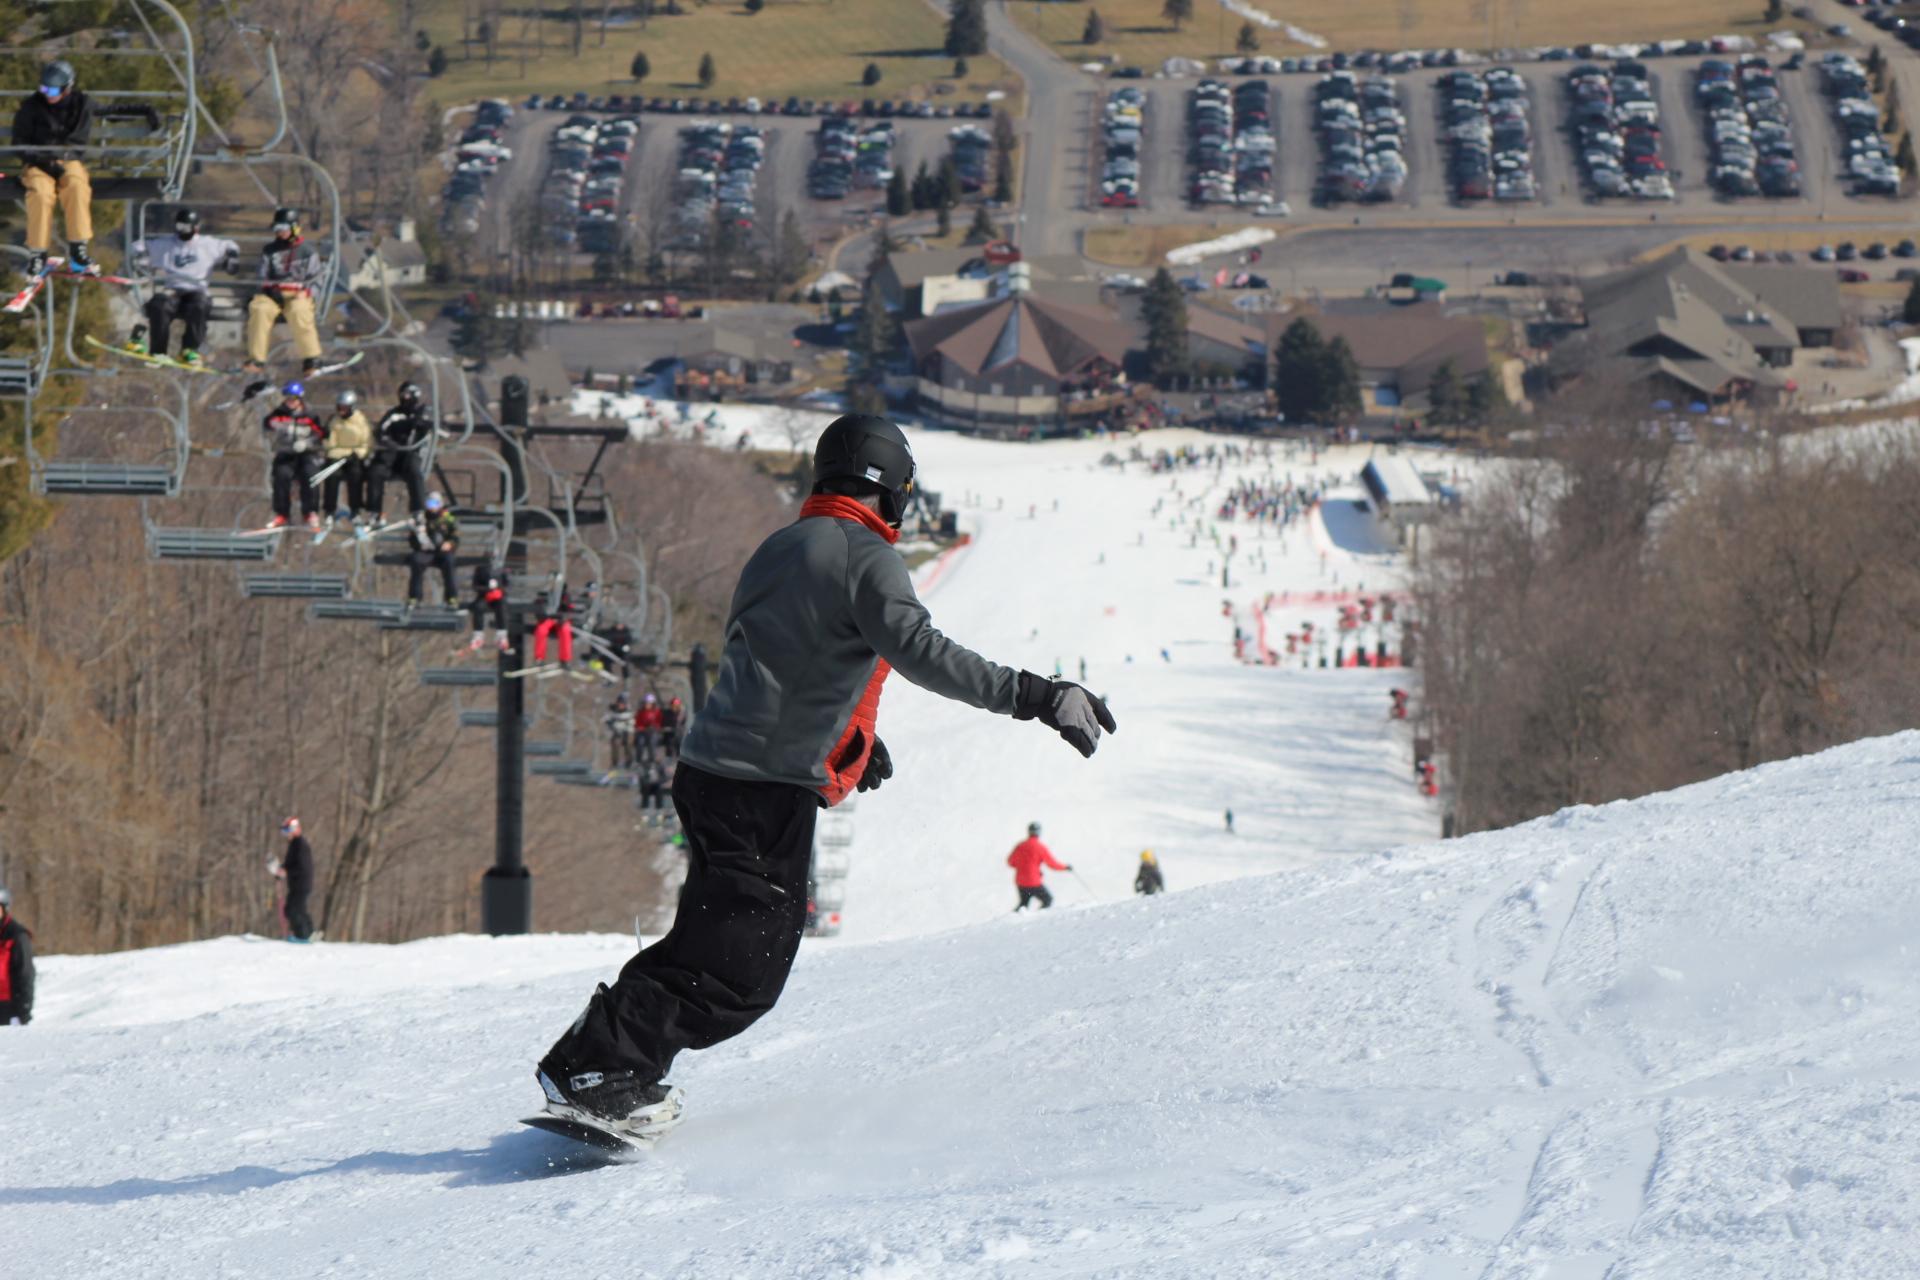 visiting bristol mountain   ski resort   canandaigua, ny